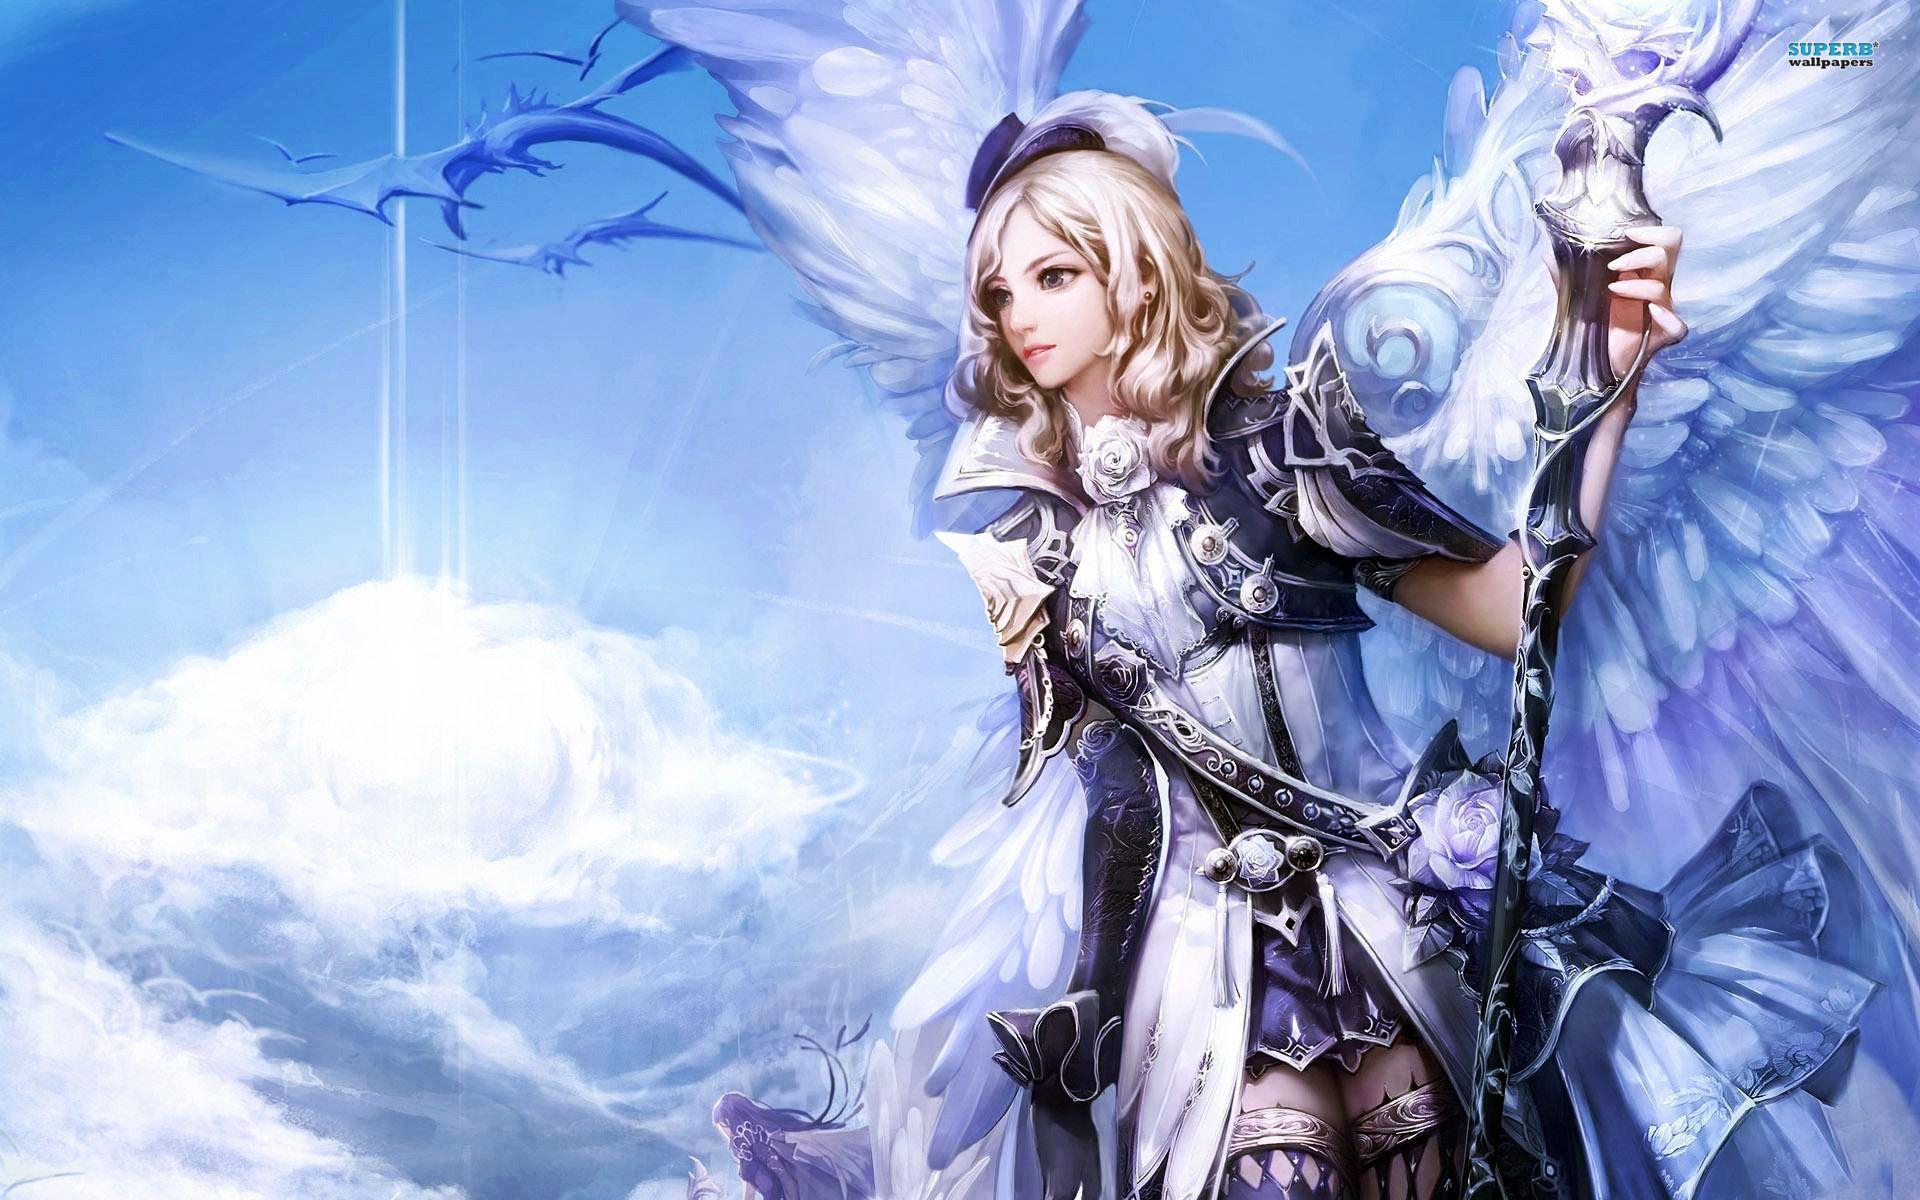 Anime girl warior warrior angel wallpaper 1920x1200 - Anime female warrior ...